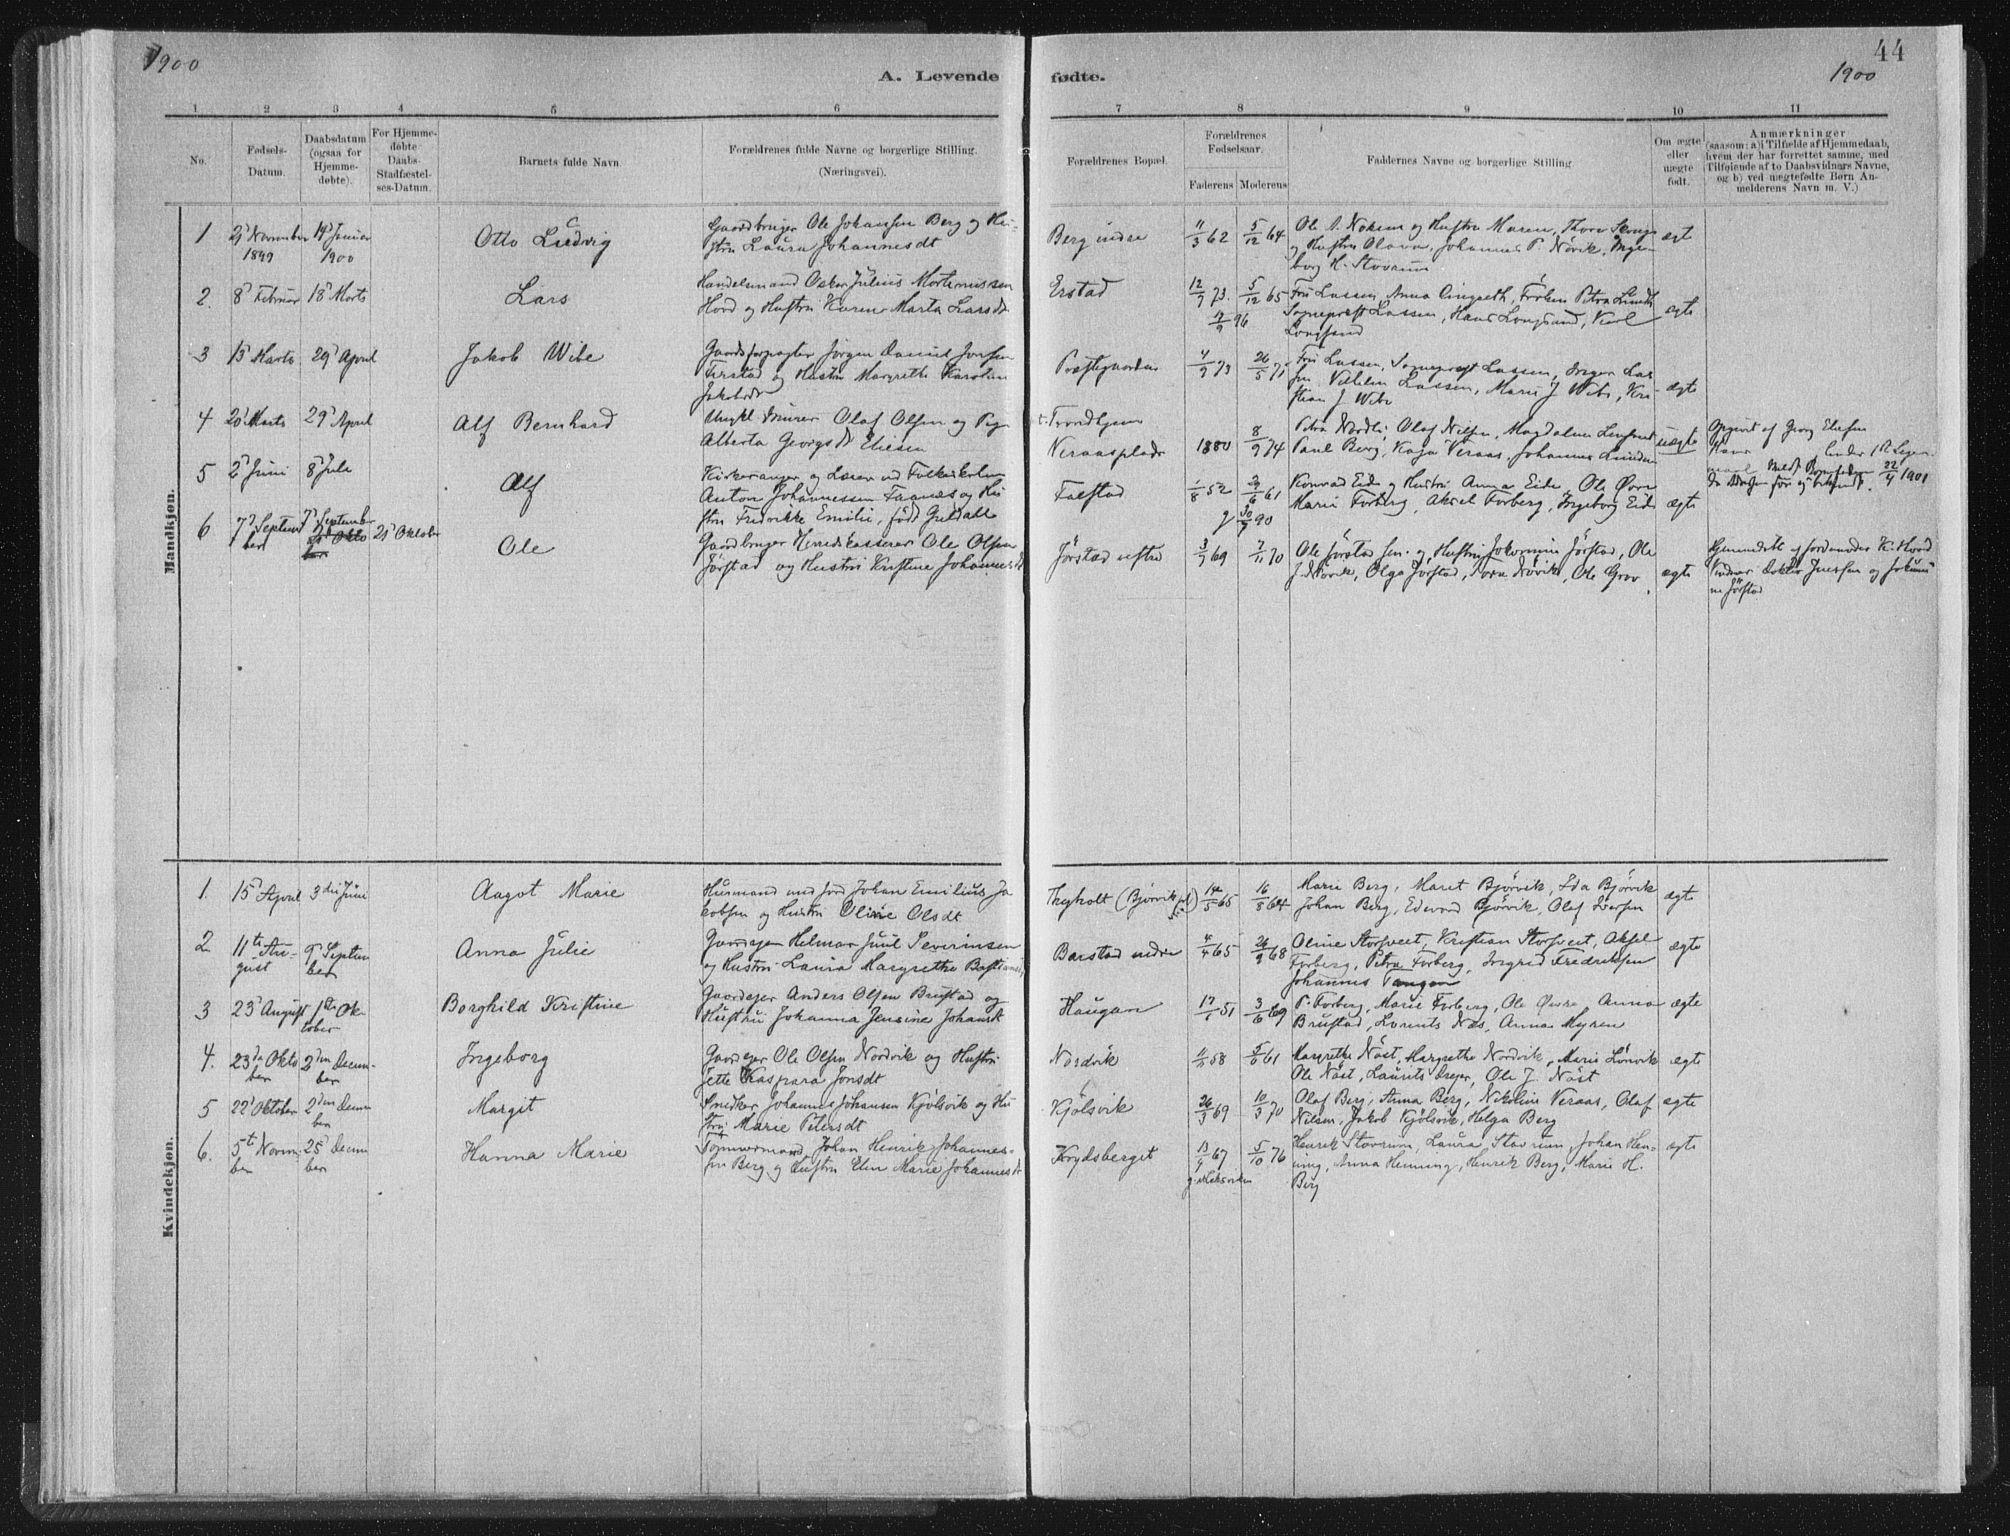 SAT, Ministerialprotokoller, klokkerbøker og fødselsregistre - Nord-Trøndelag, 722/L0220: Ministerialbok nr. 722A07, 1881-1908, s. 44